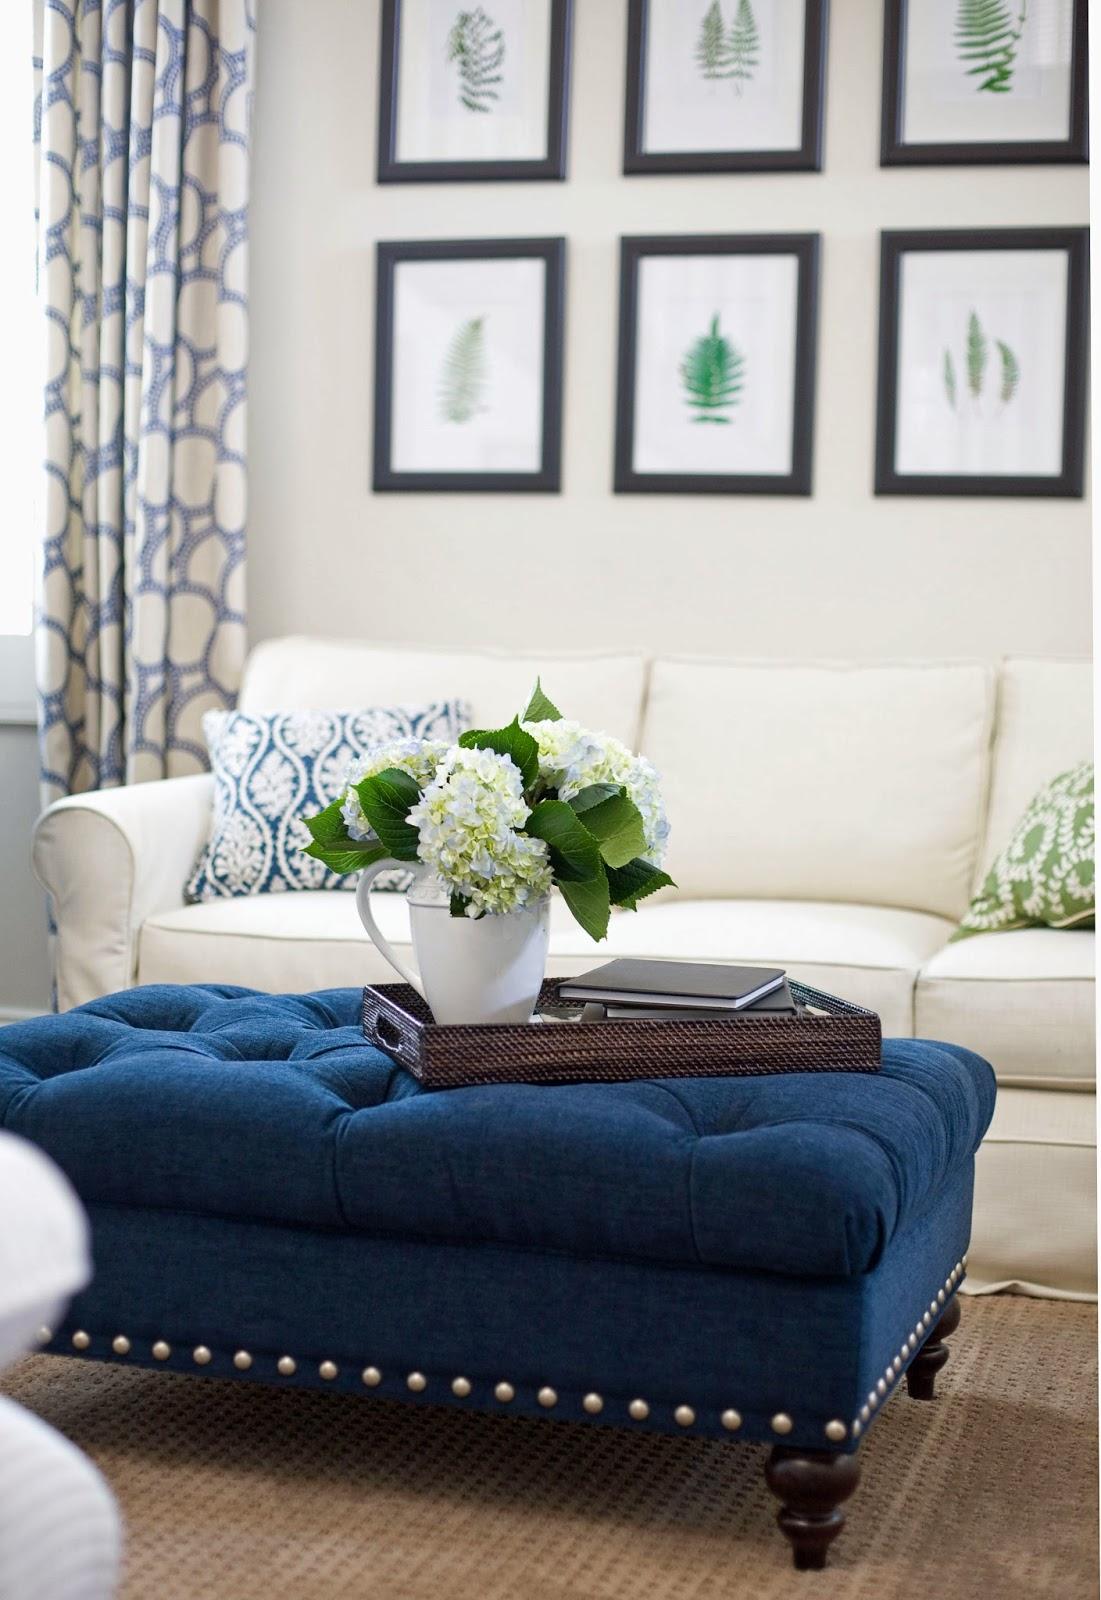 c b i d home decor and design easy elegance. Black Bedroom Furniture Sets. Home Design Ideas